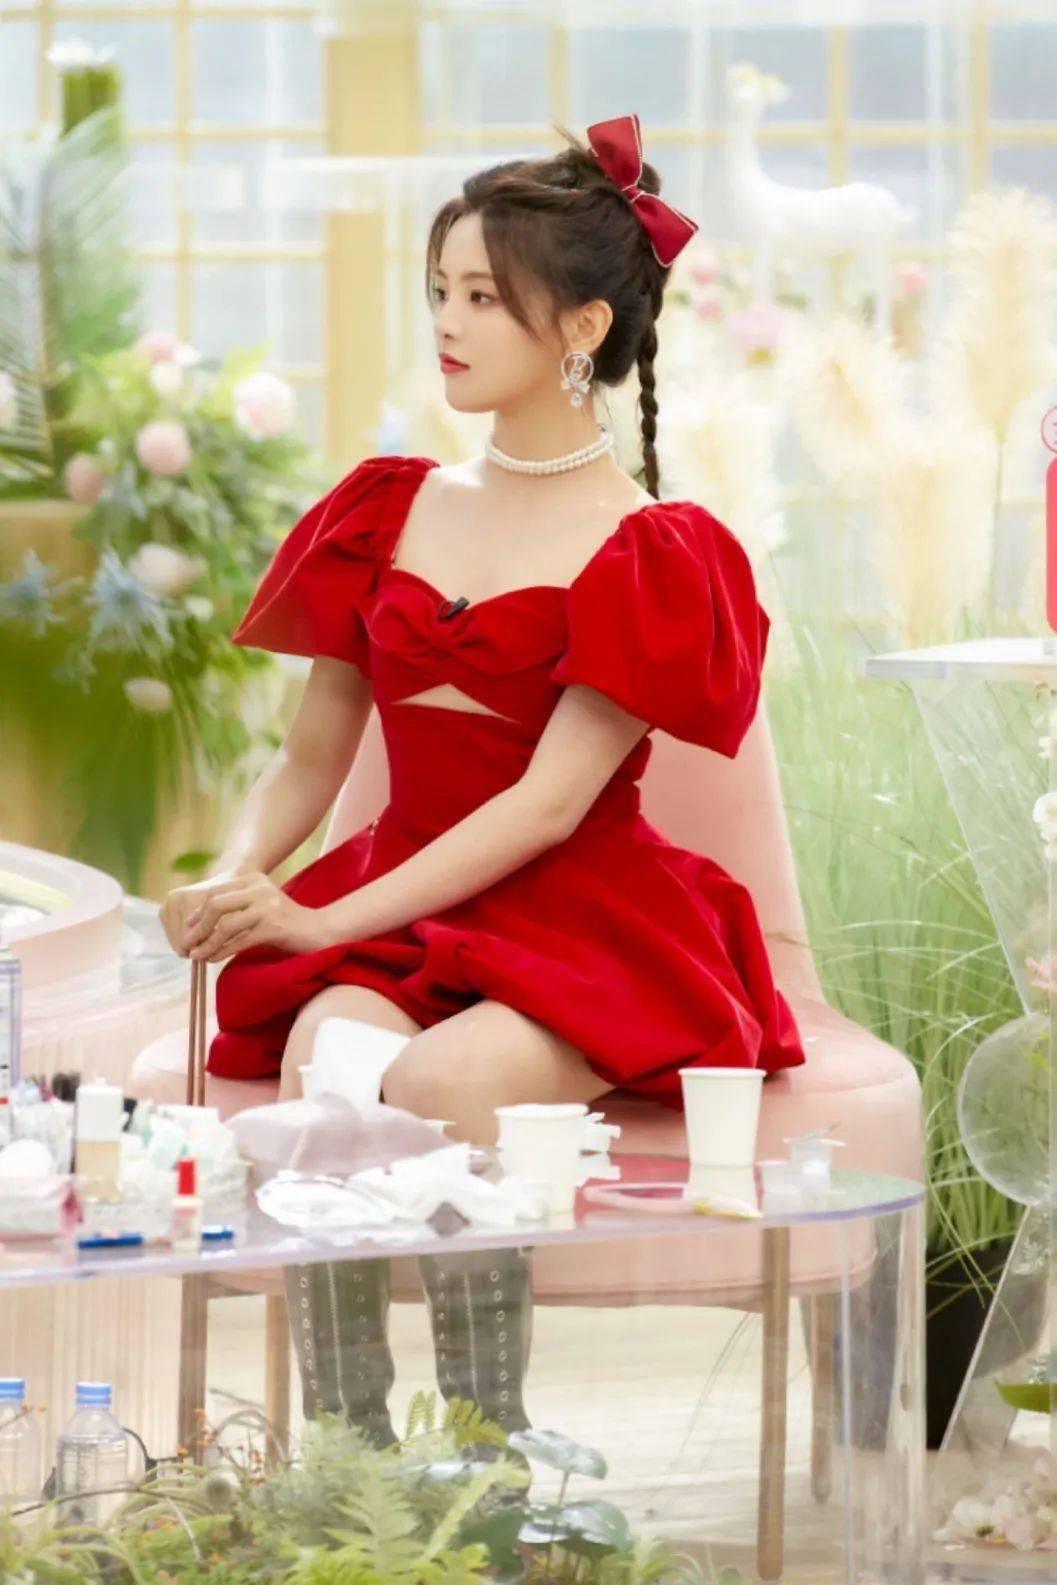 女子张腿男子桶视频黄的免费_亚洲久久在少妇中文字幕_亚洲国内精品自在自线